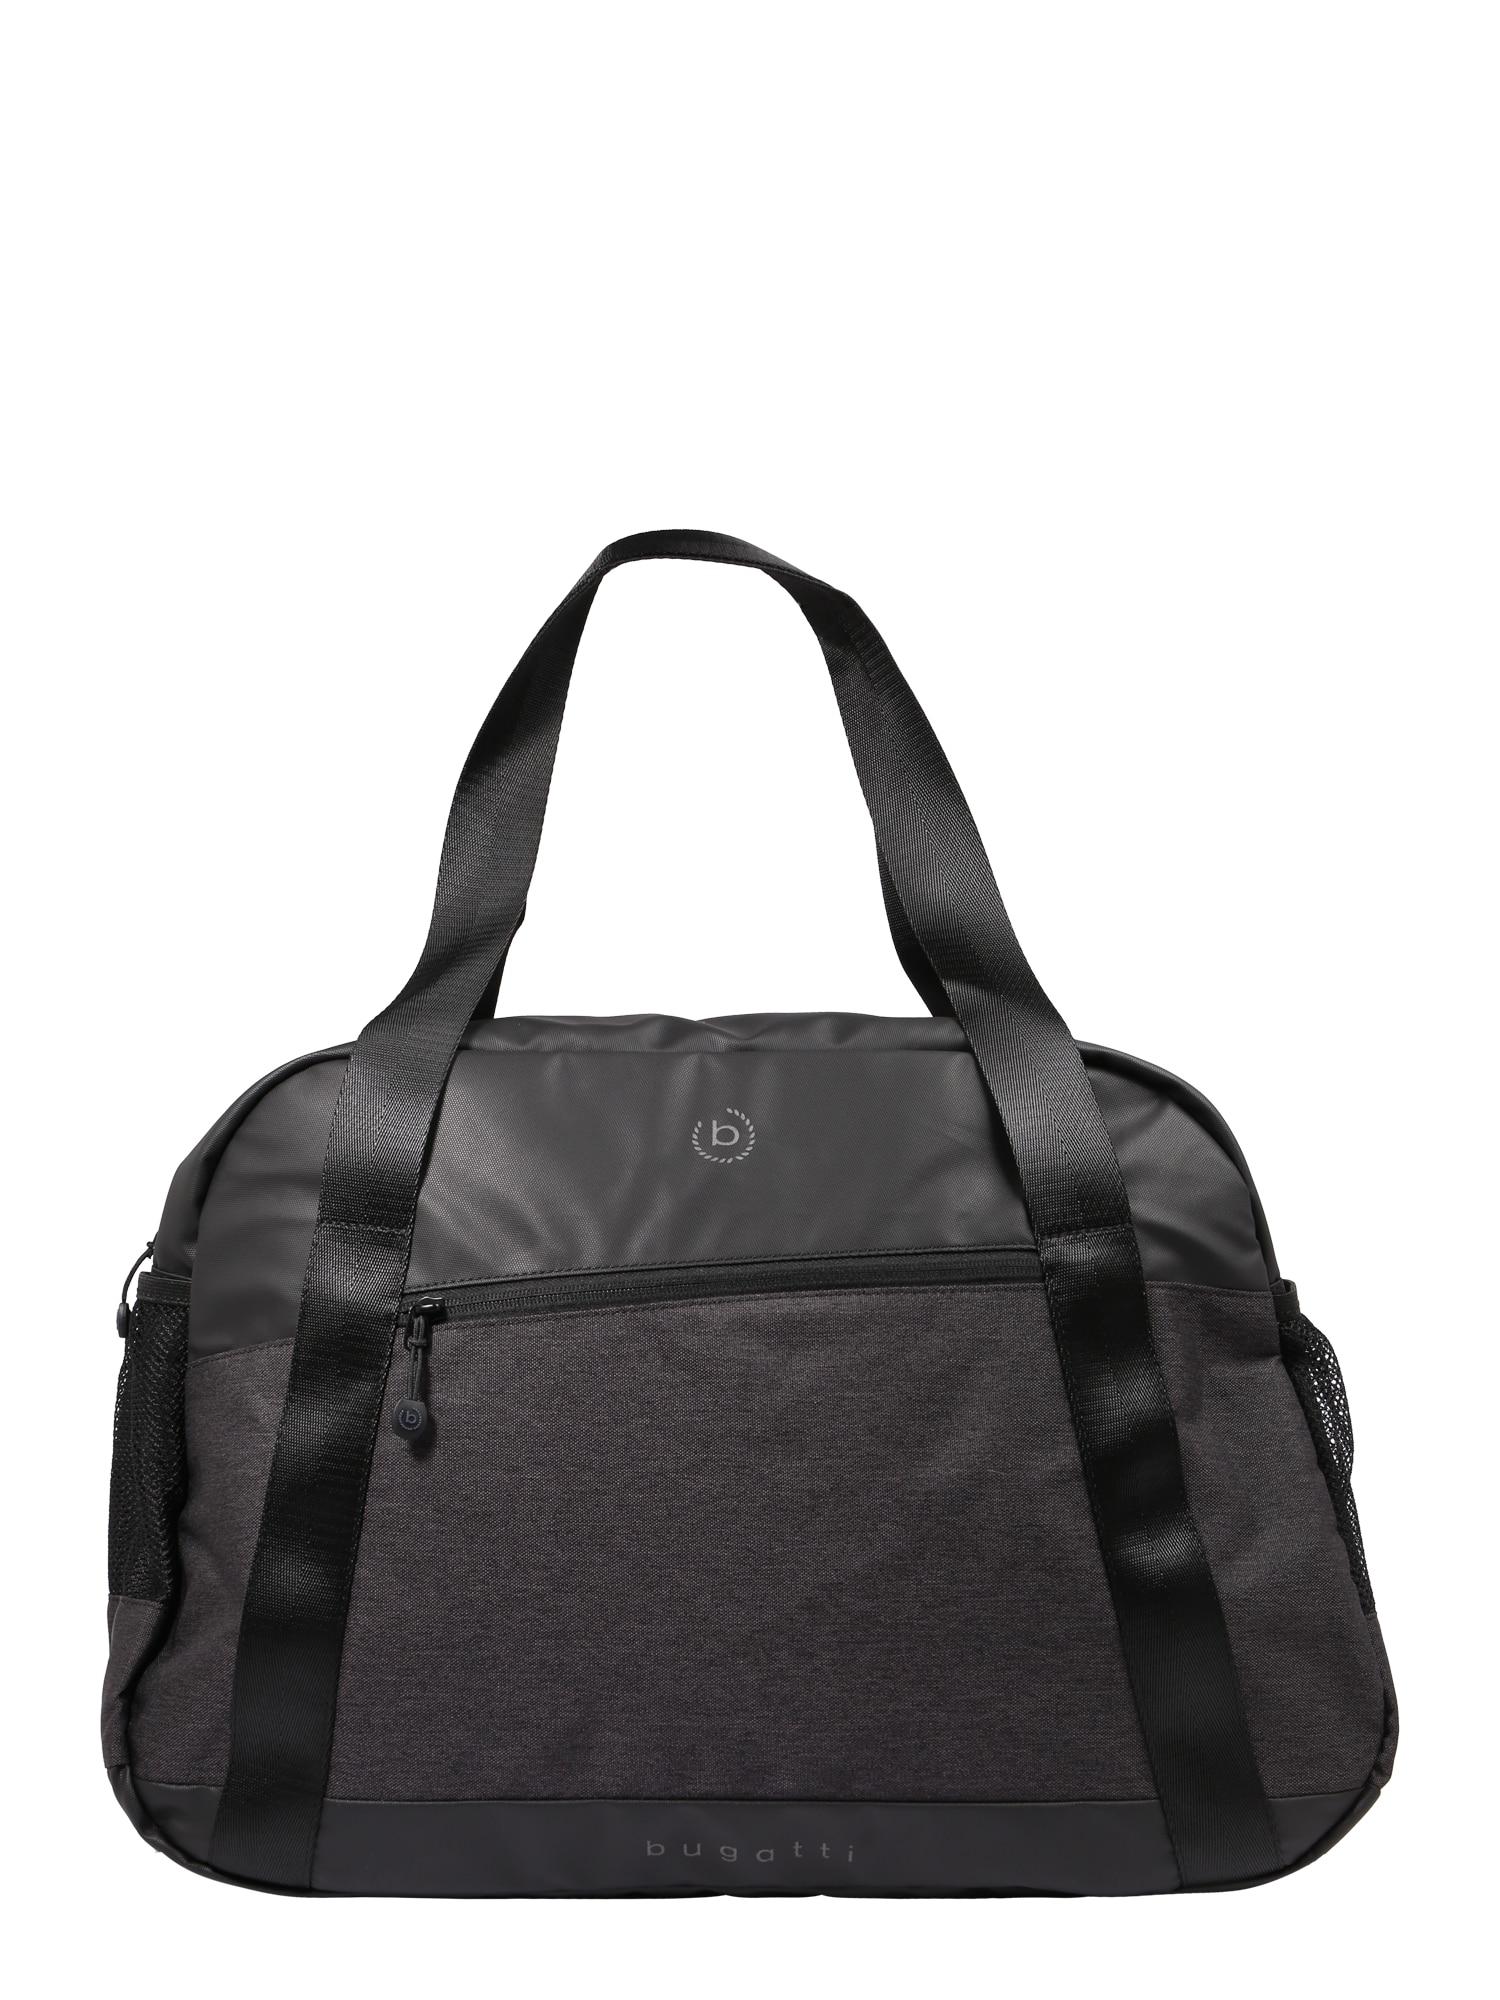 Cestovní taška Universum GYM Tasche černá Bugatti